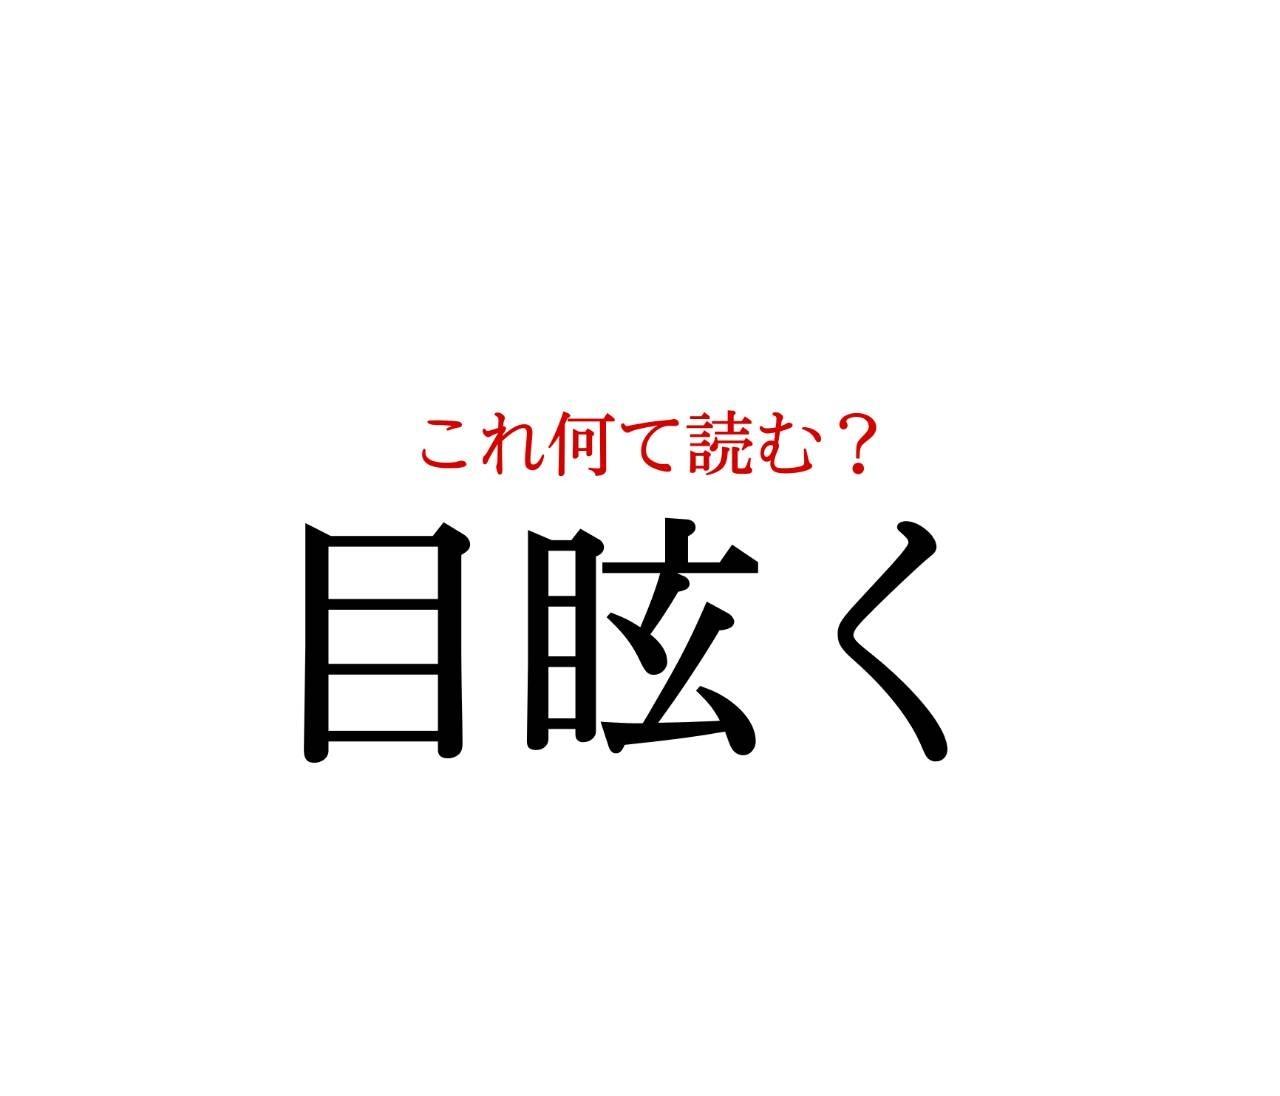 「目眩く」:この漢字、自信を持って読めますか?【働く大人の漢字クイズvol.233】